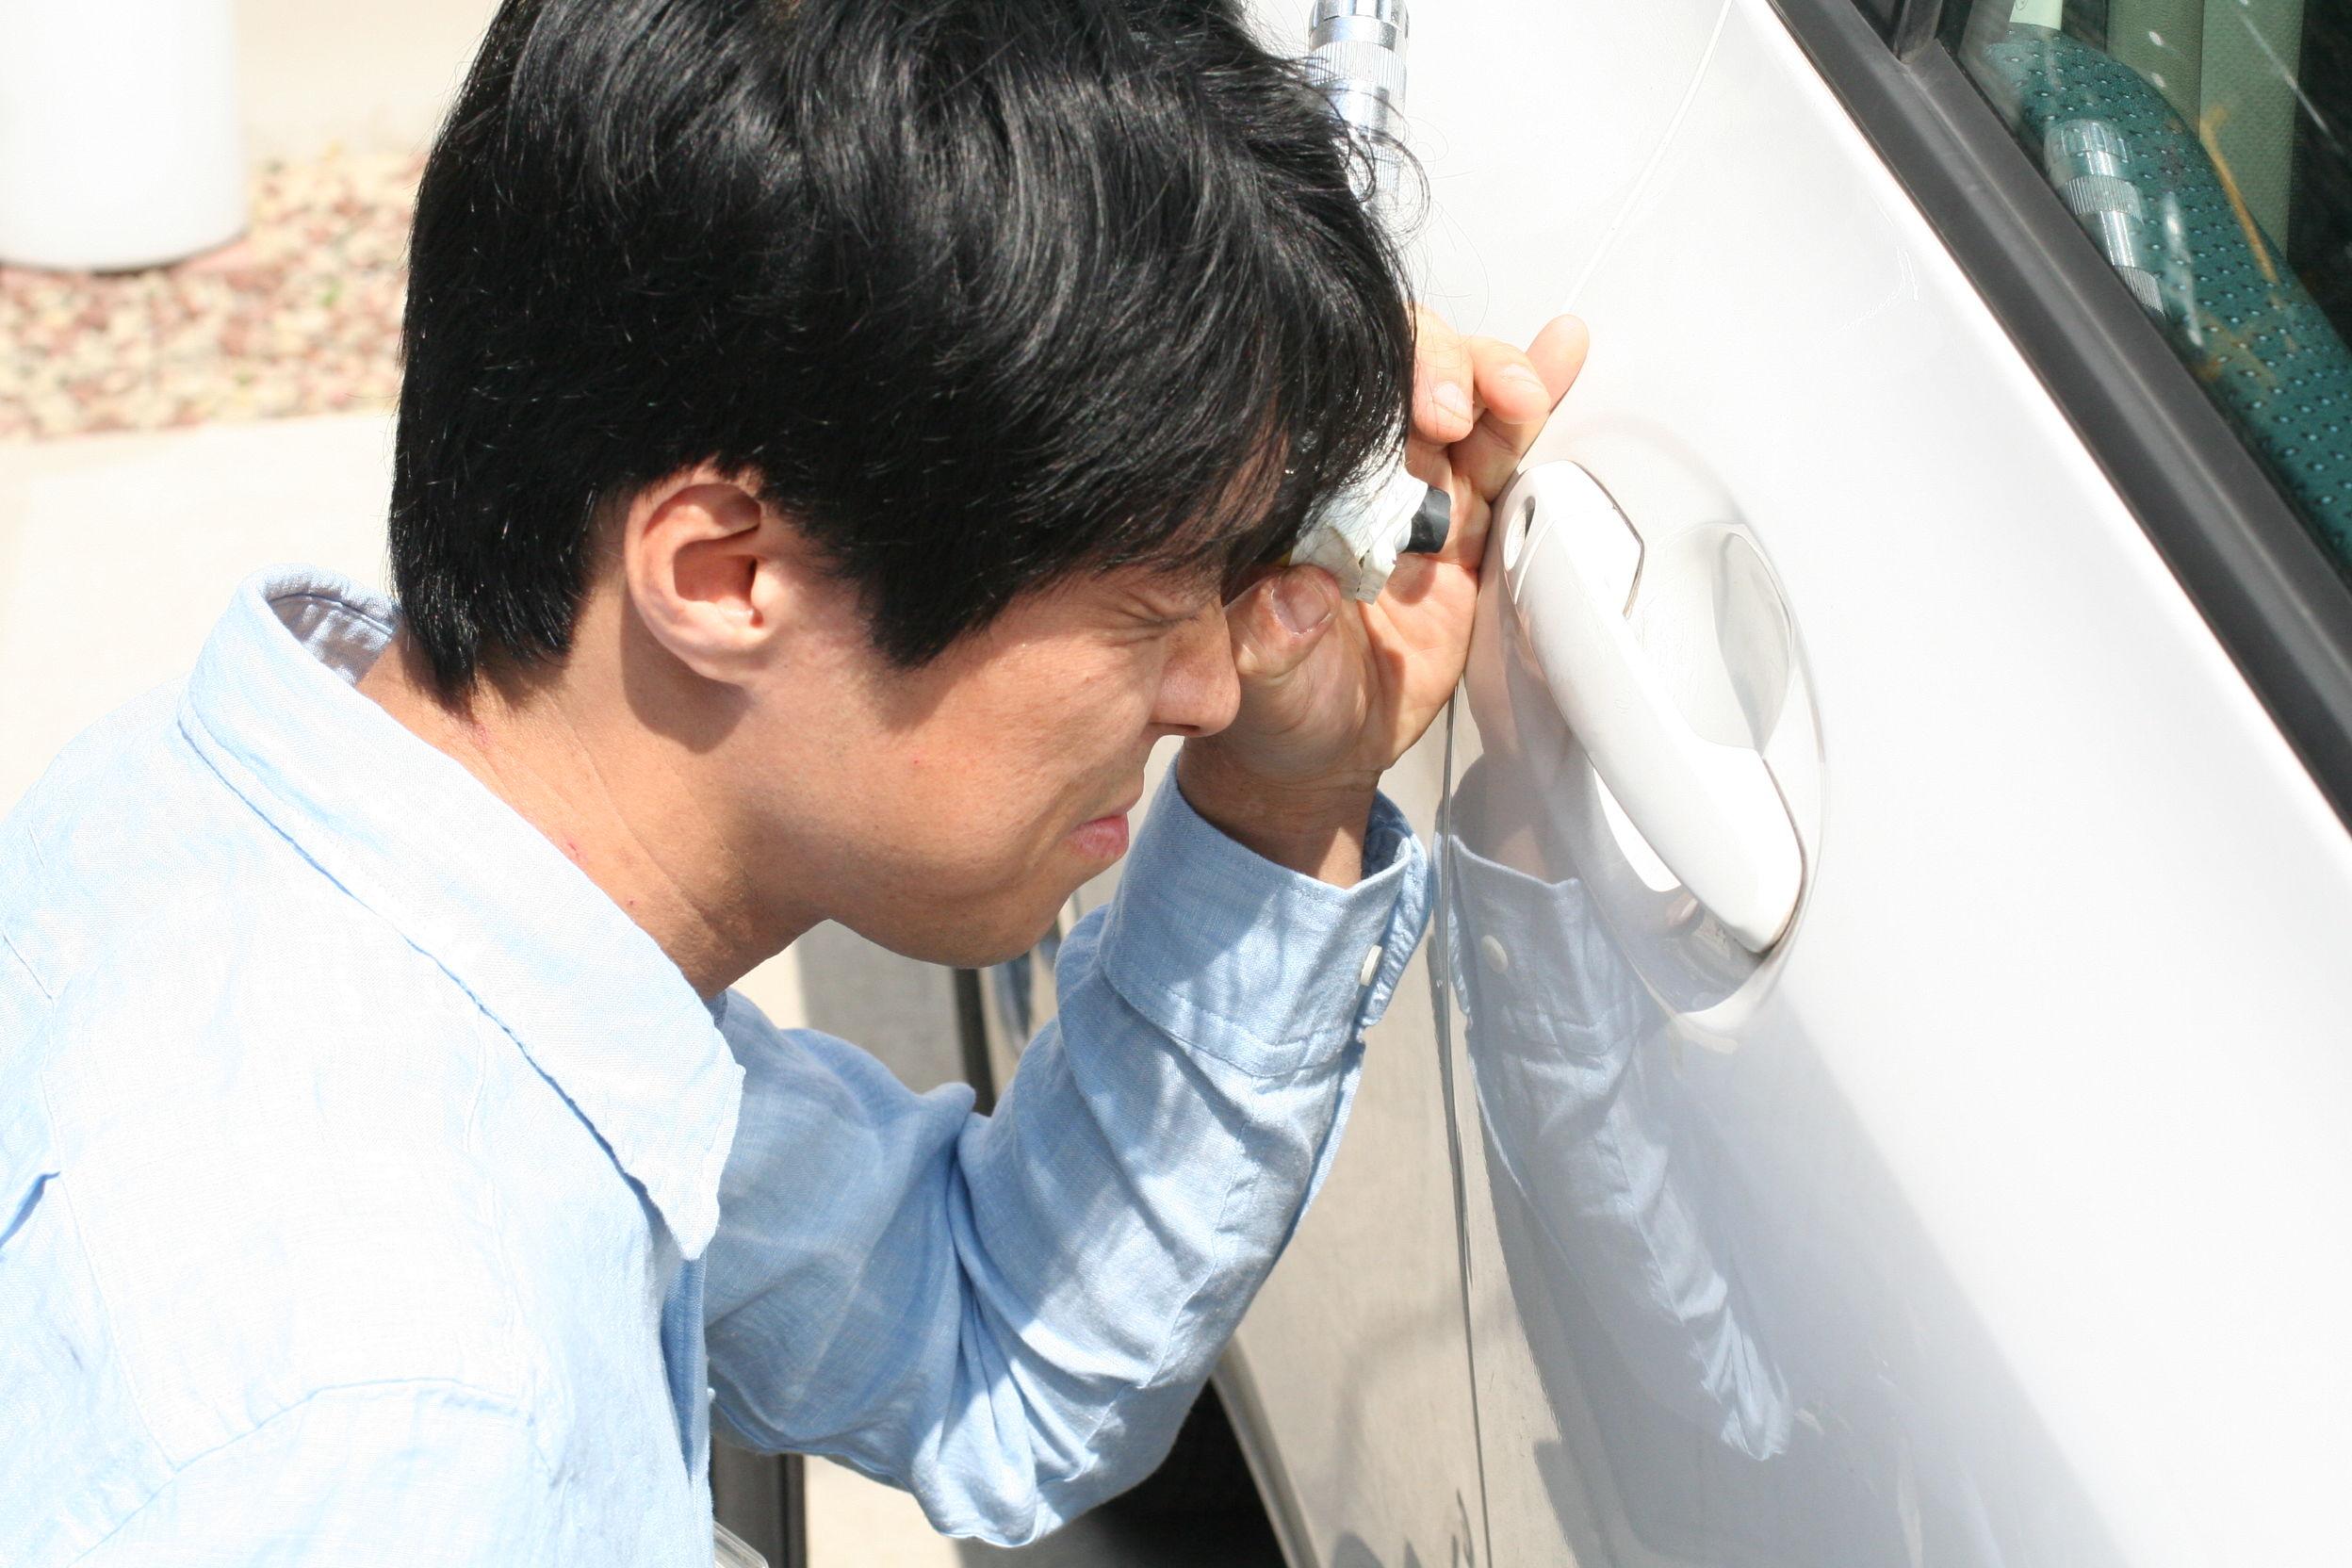 カギのトラブル救Q隊.24【柳井市 出張エリア】のメイン画像